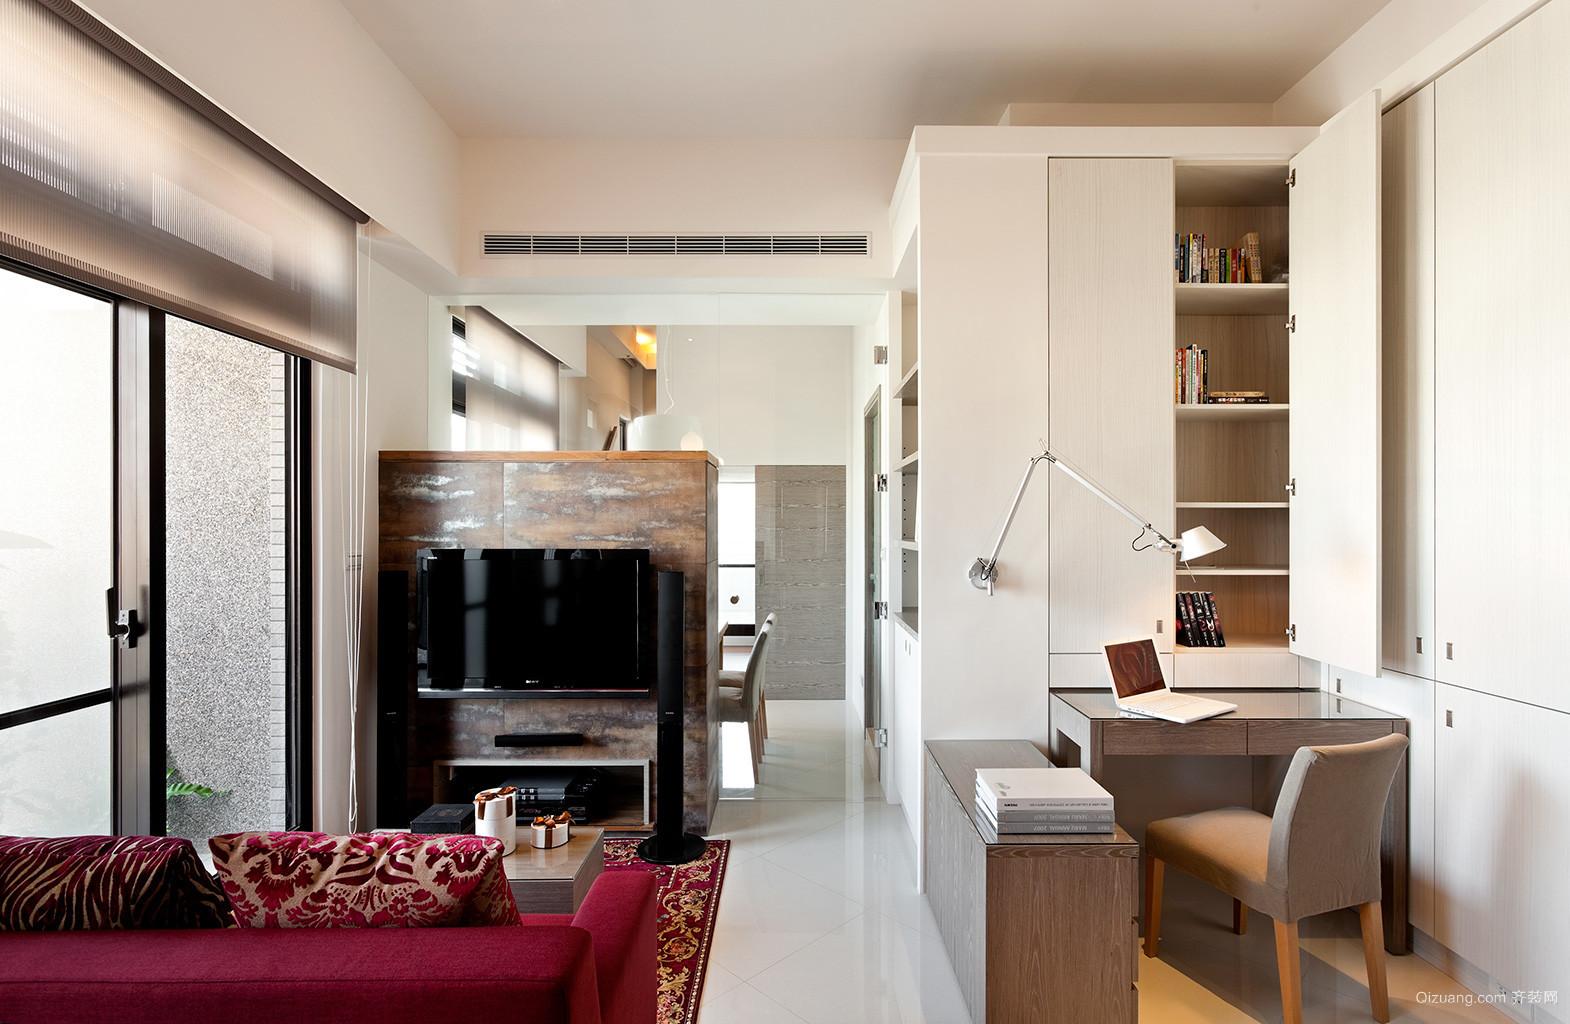 69平米小公寓电视背景墙隔断效果图片